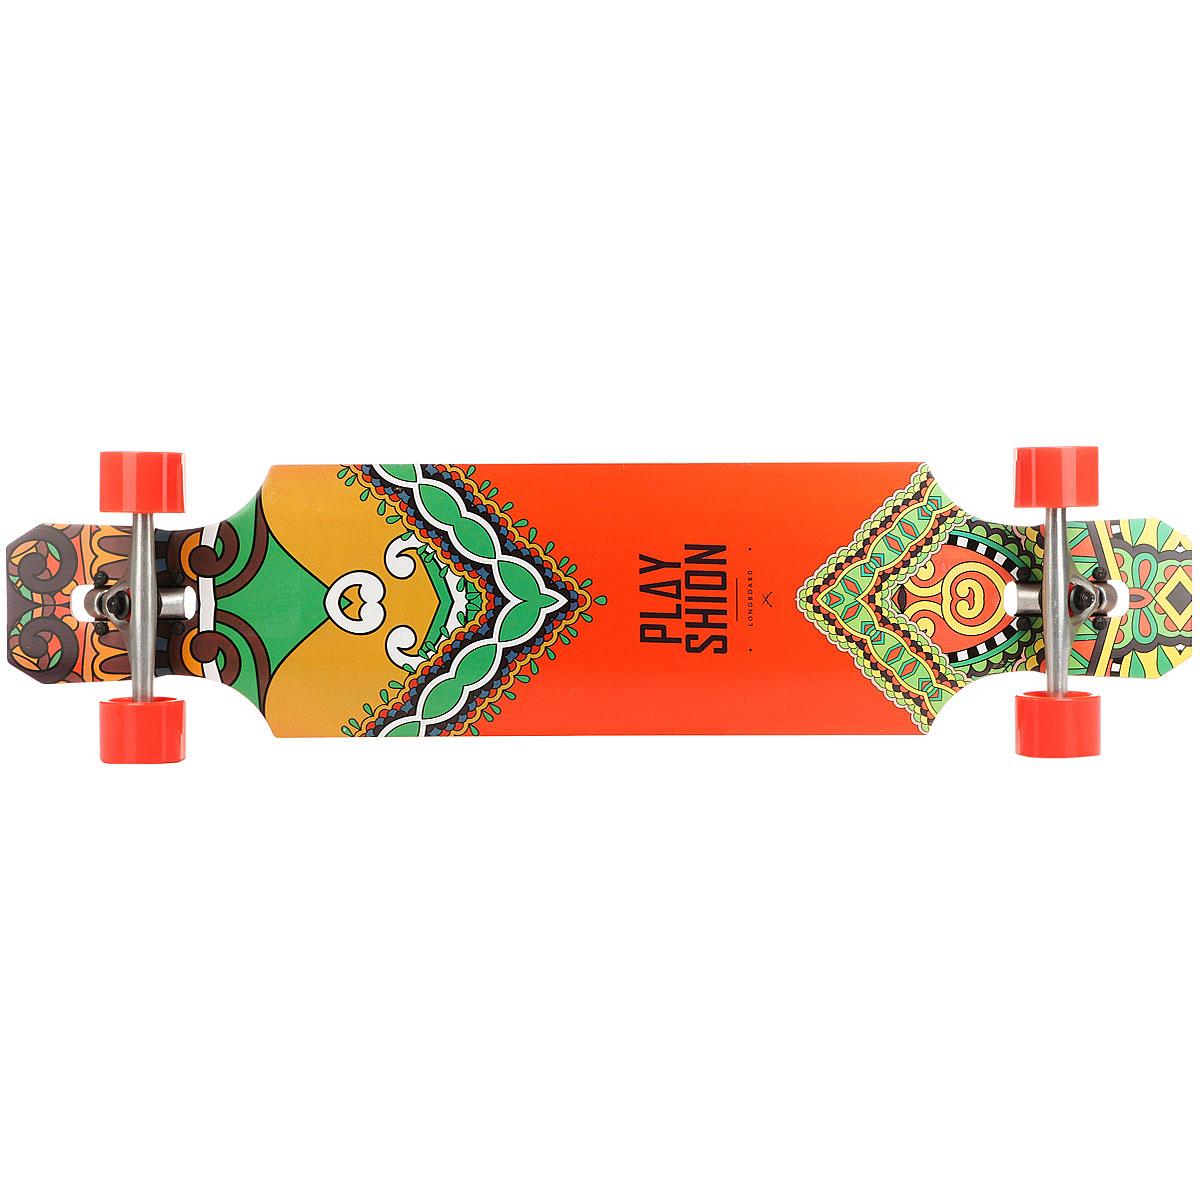 Лонгборд Playshion Pl-lon-010 Orange/Multi 9.2 X 39 (99 См)